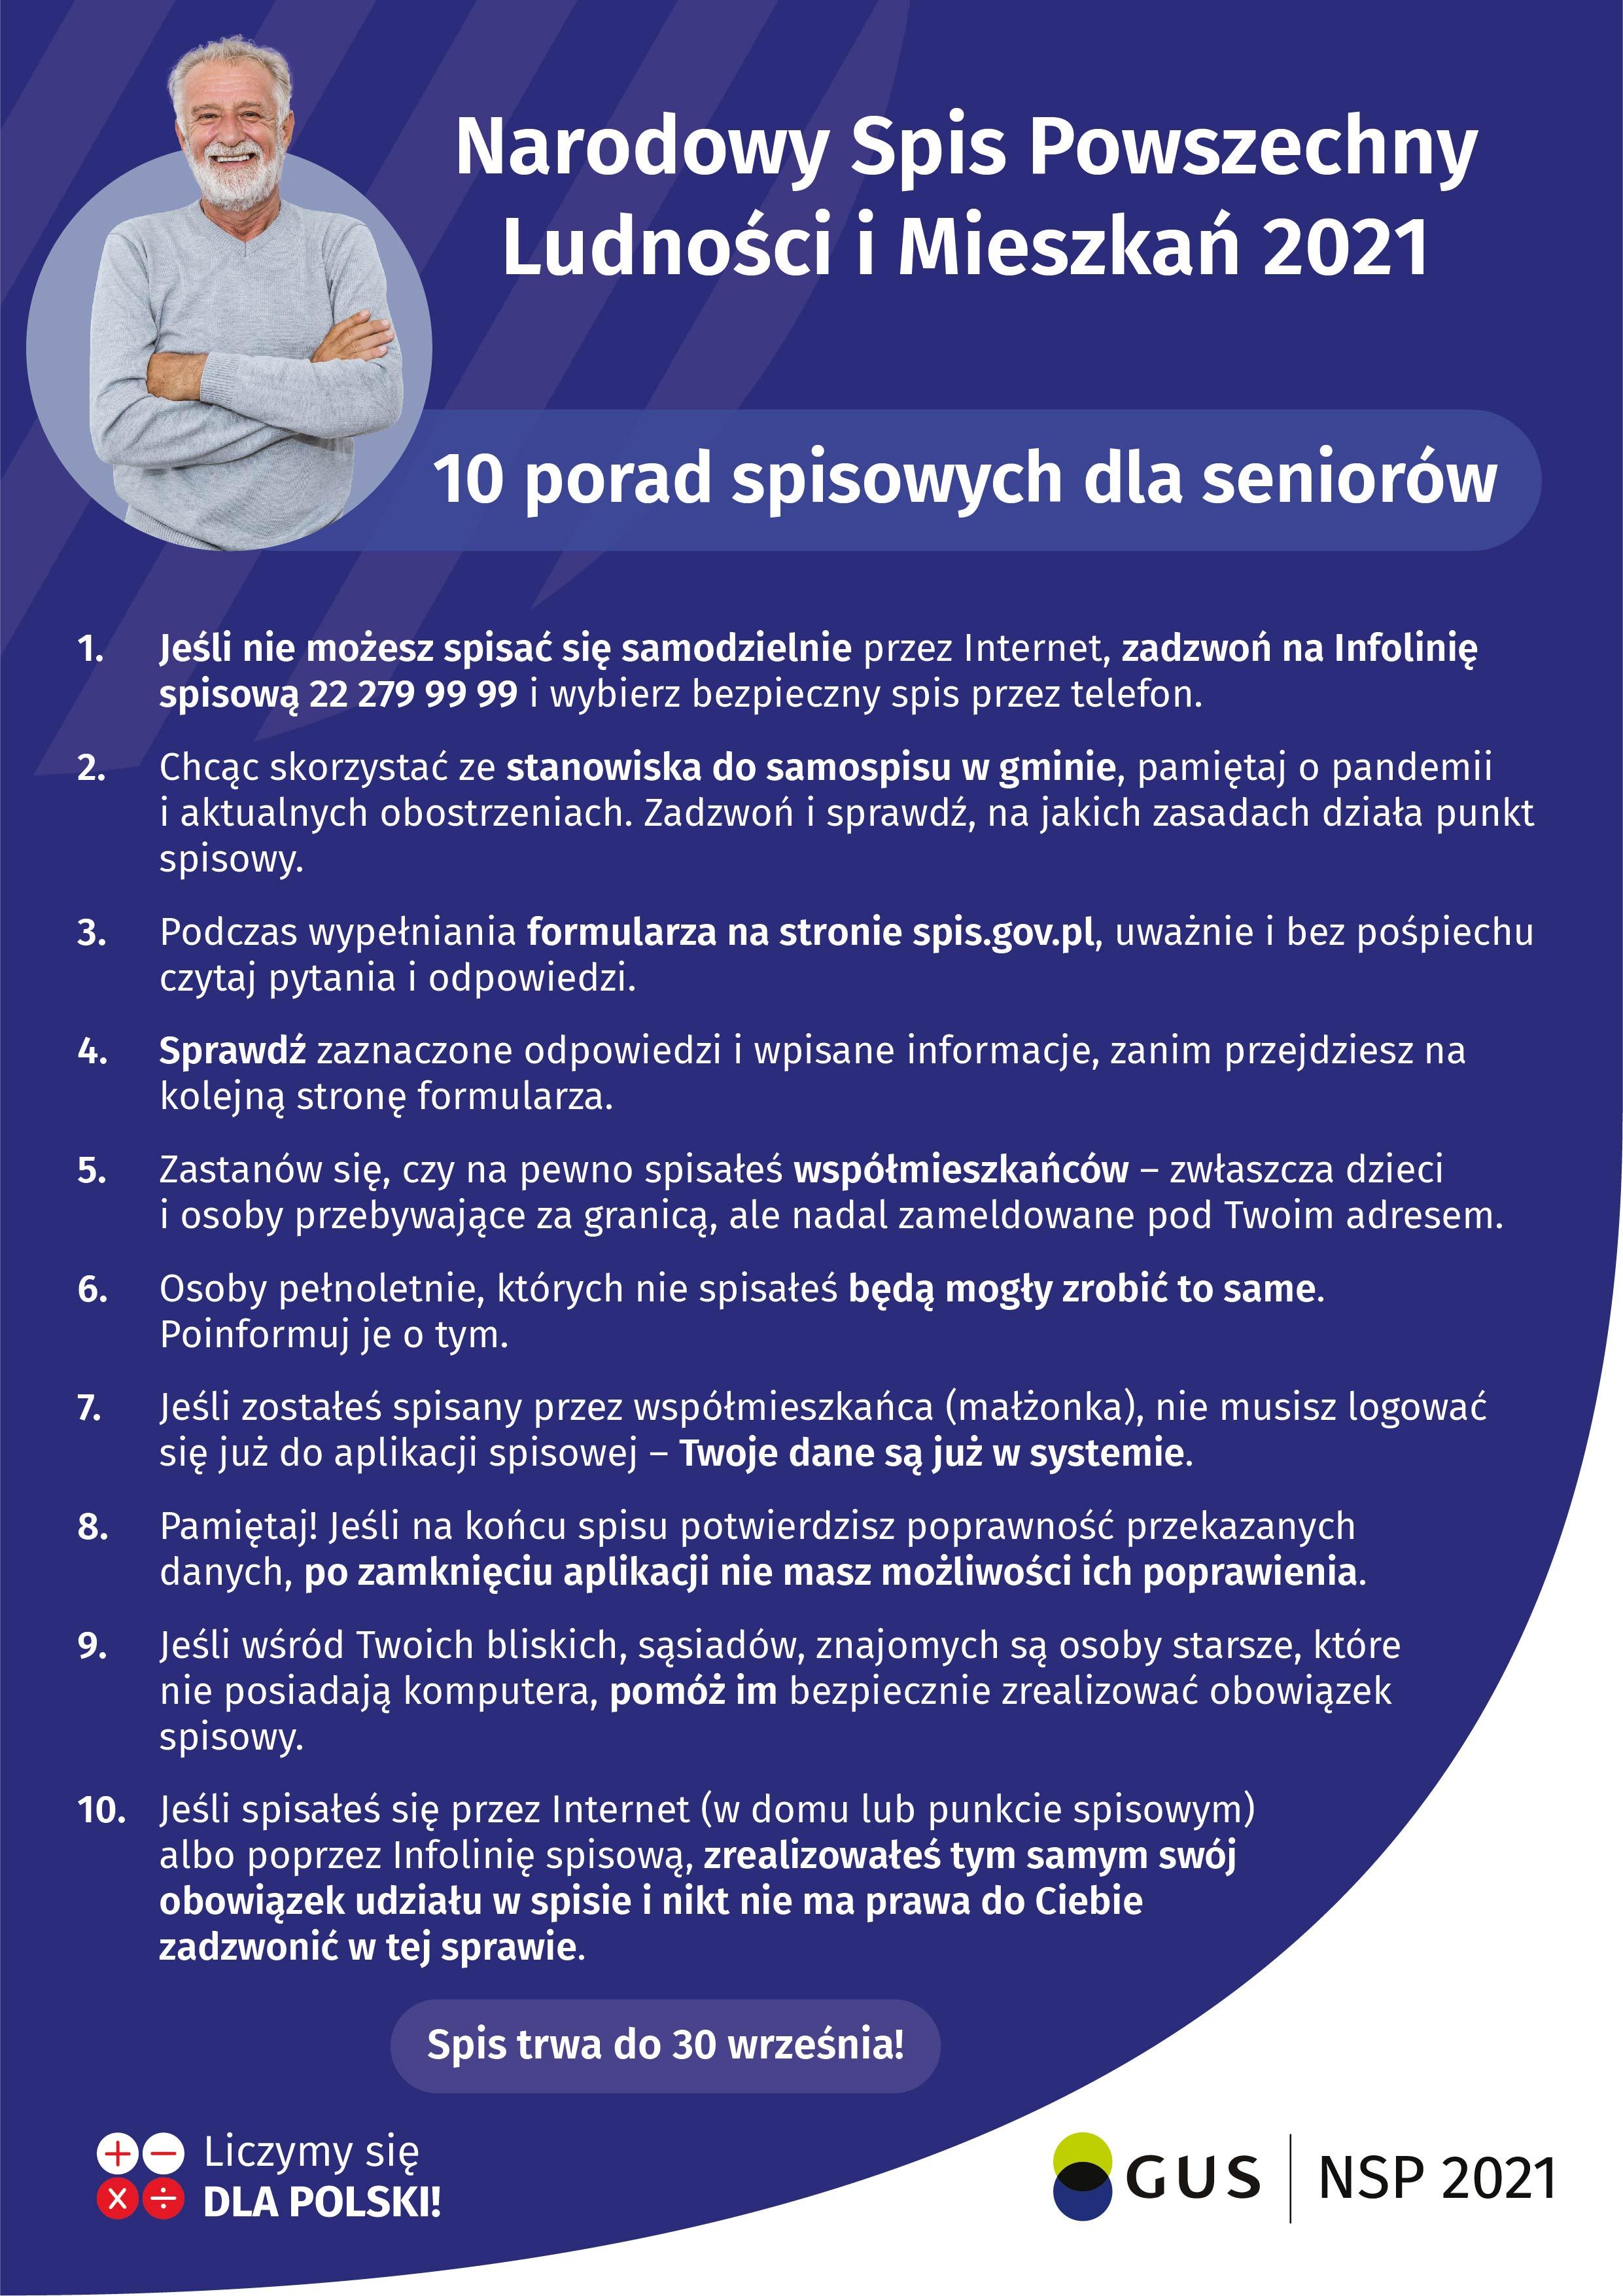 Dziesięć porad spisowych dla seniorów. Plik w formacie JPG